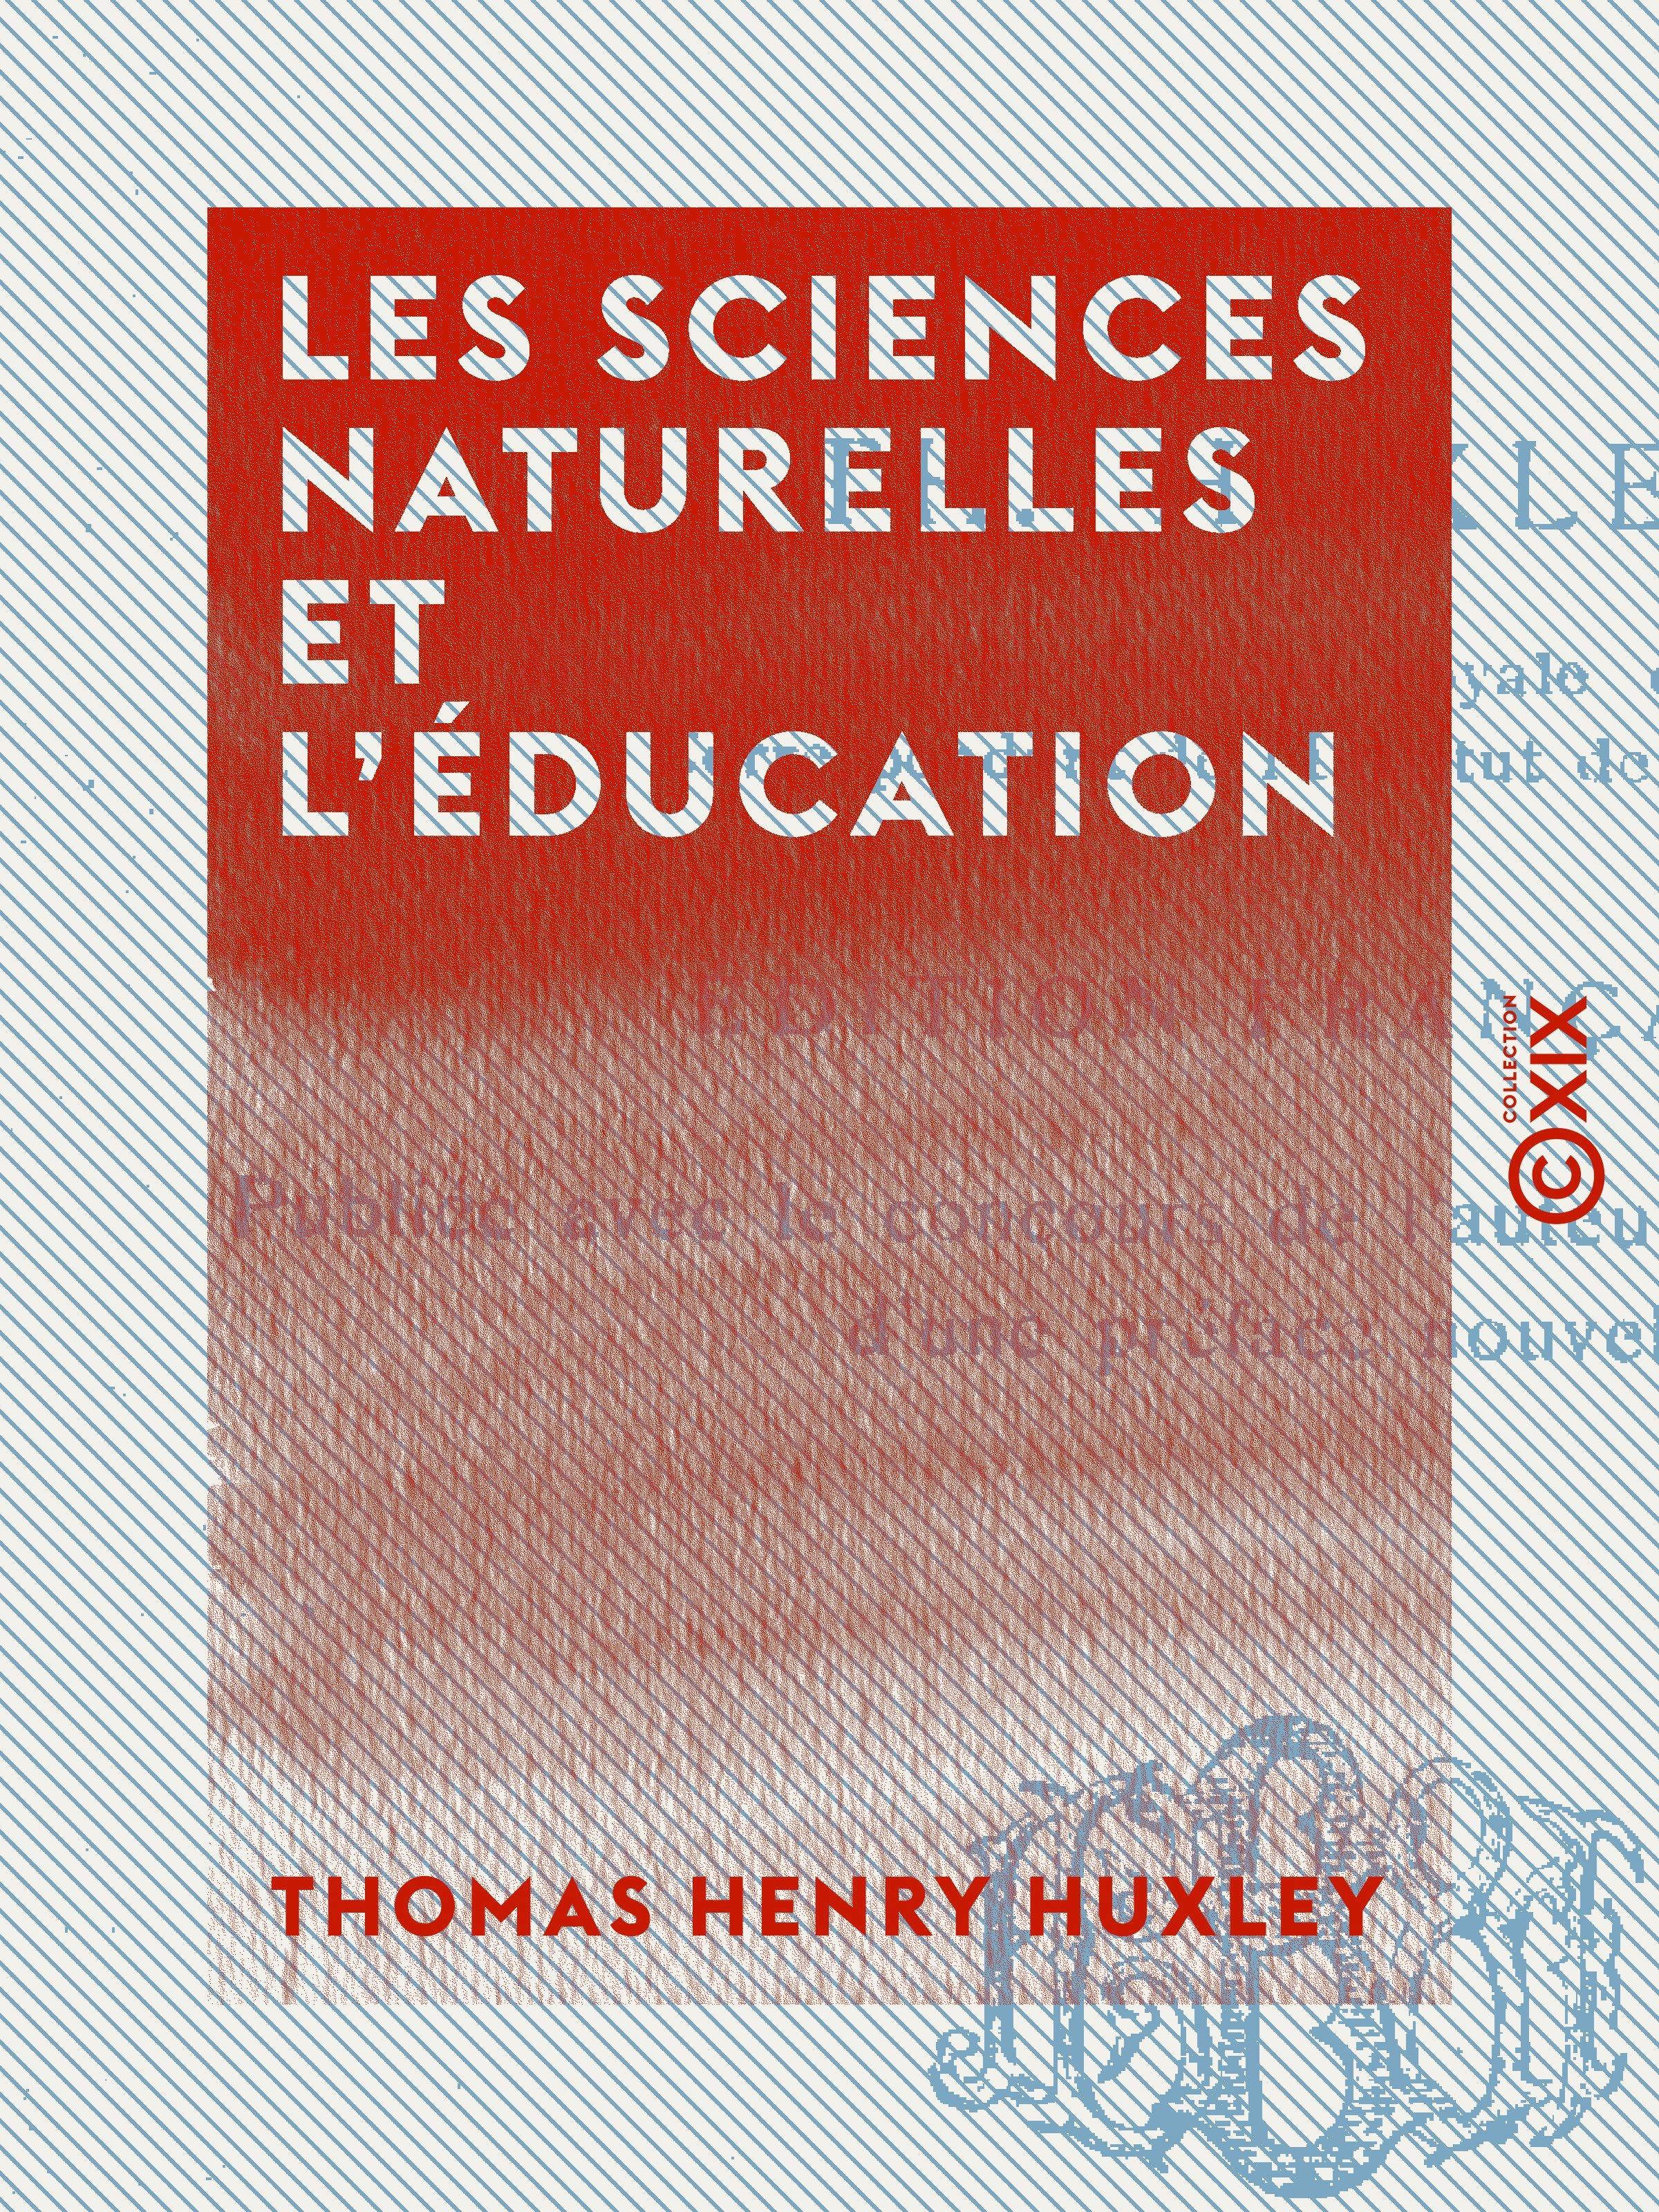 Les Sciences naturelles et l'Éducation